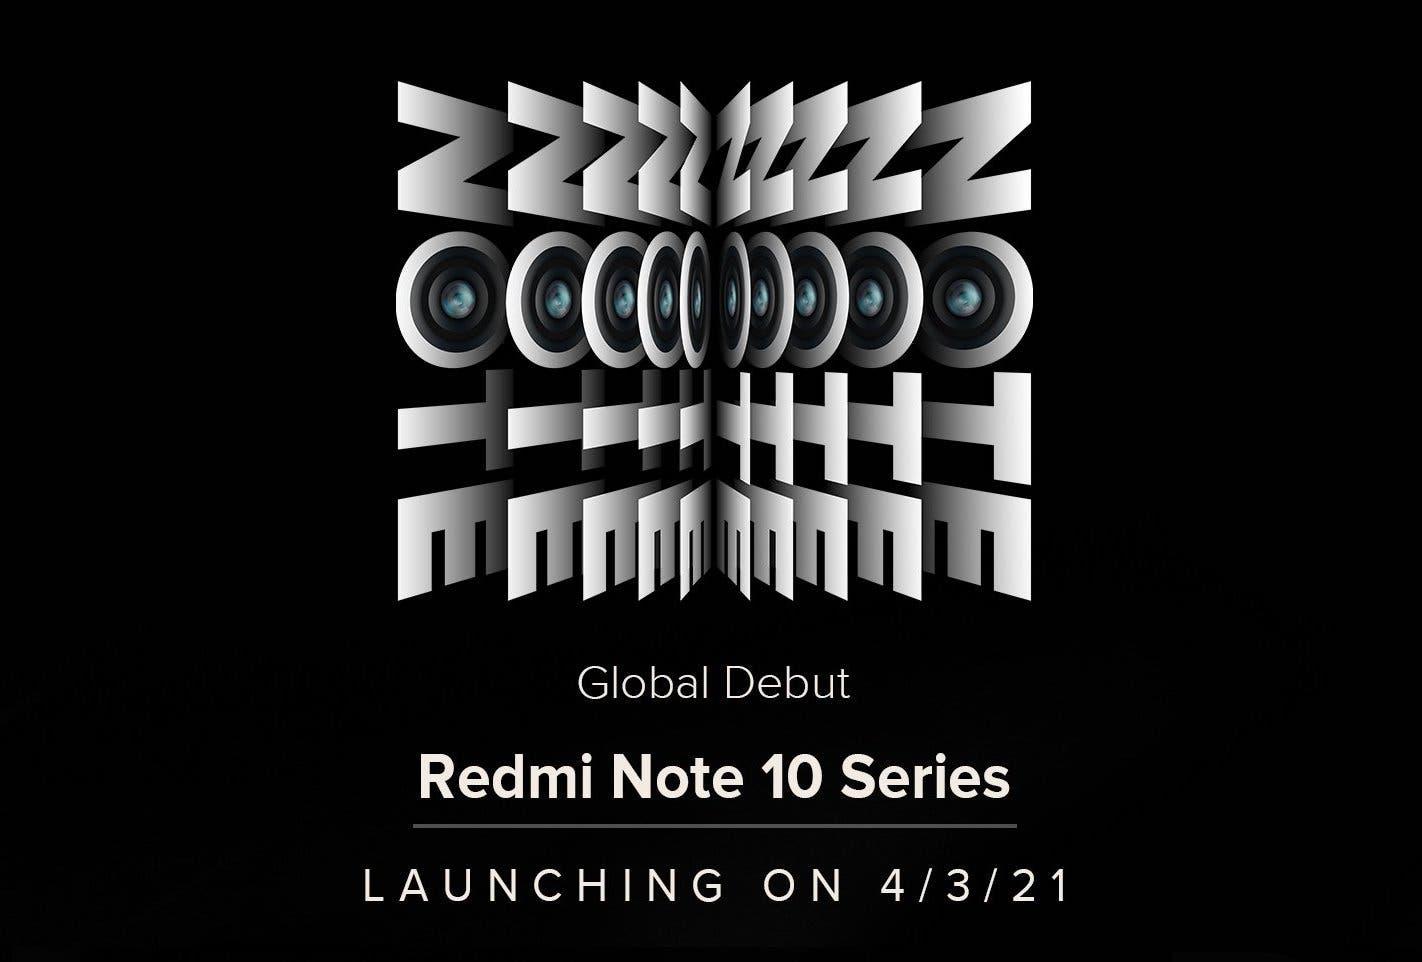 В сеть слили новые подробности о грядущей серии Redmi Note 10 (redmi note 10 1)